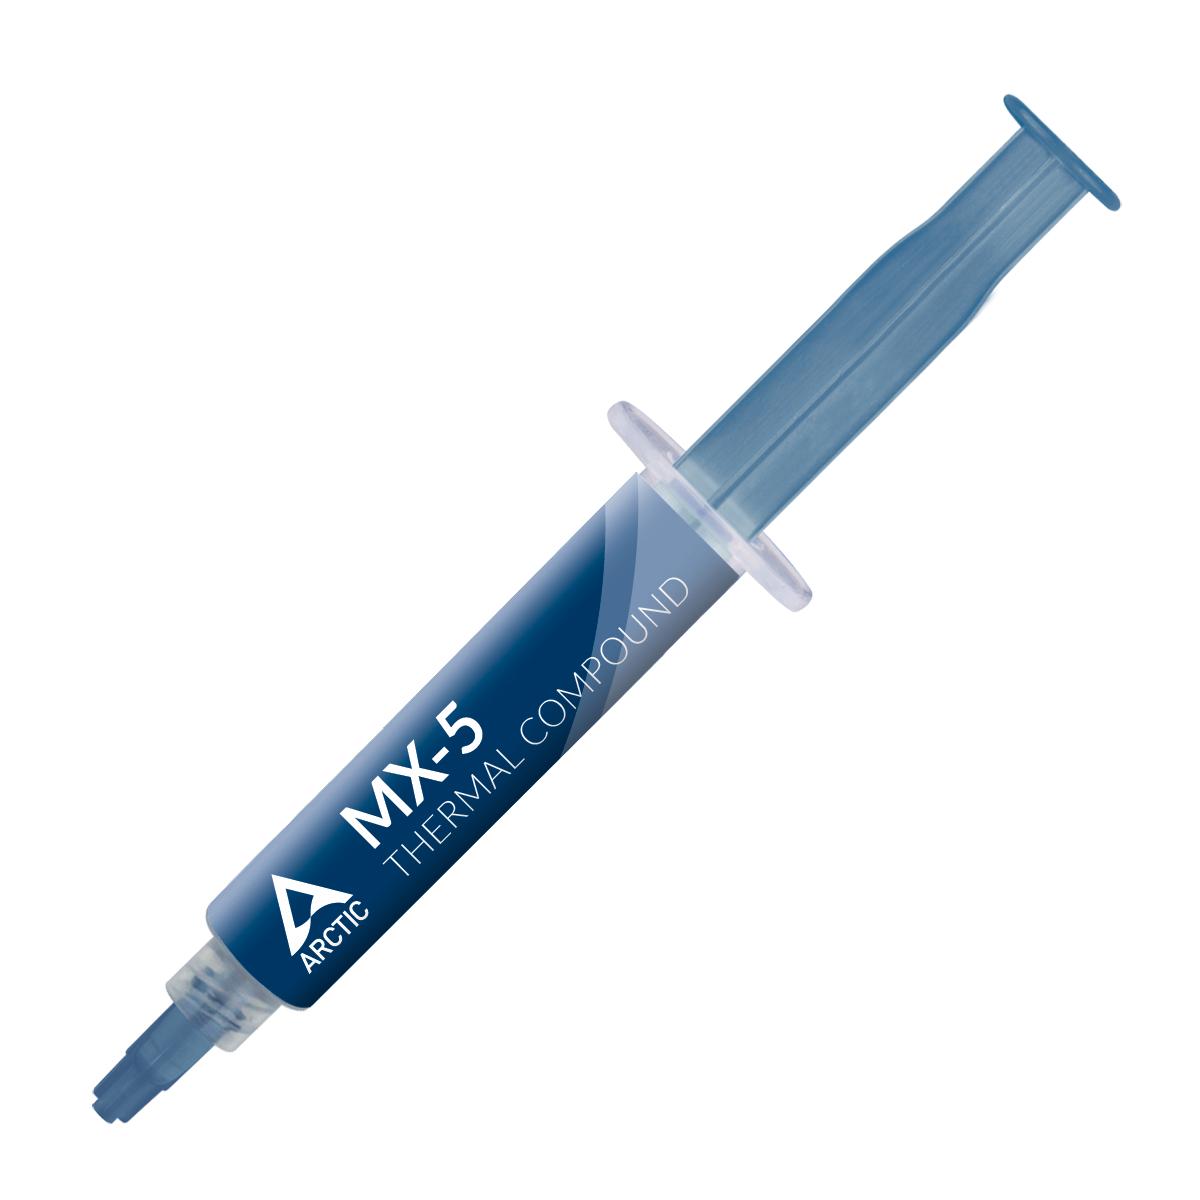 Arctic MX-5 High Performance Wärmeleitpaste - Wärmeleitpaste - 3,2 g/cm³ - Blau - -40 - 180 °C - 8 g - 18 mm